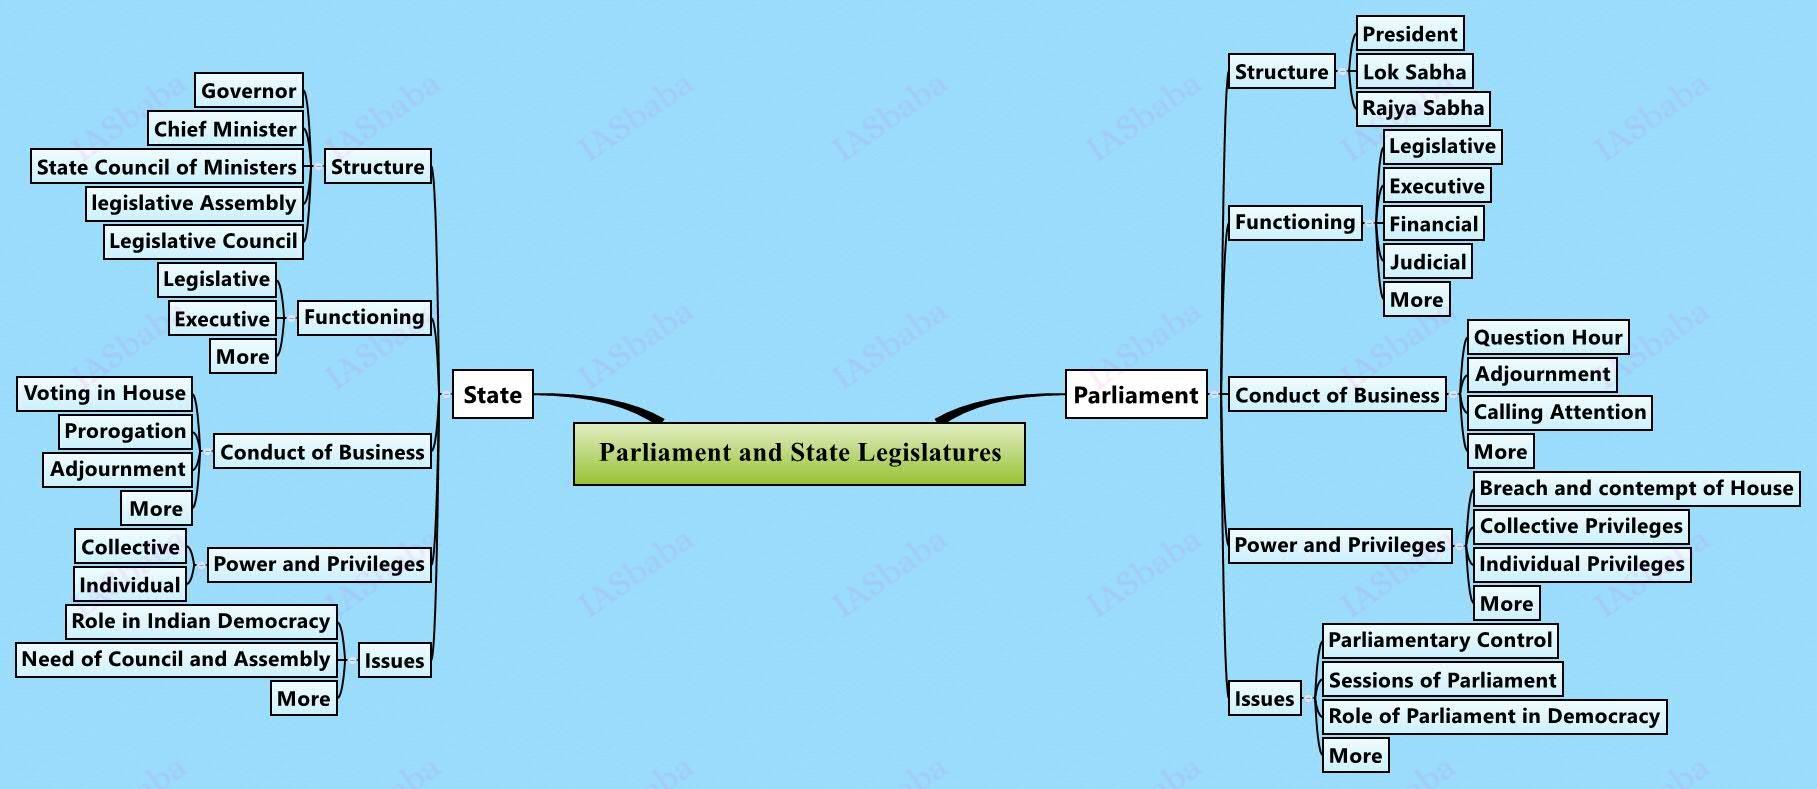 Parliament and State Legislatures